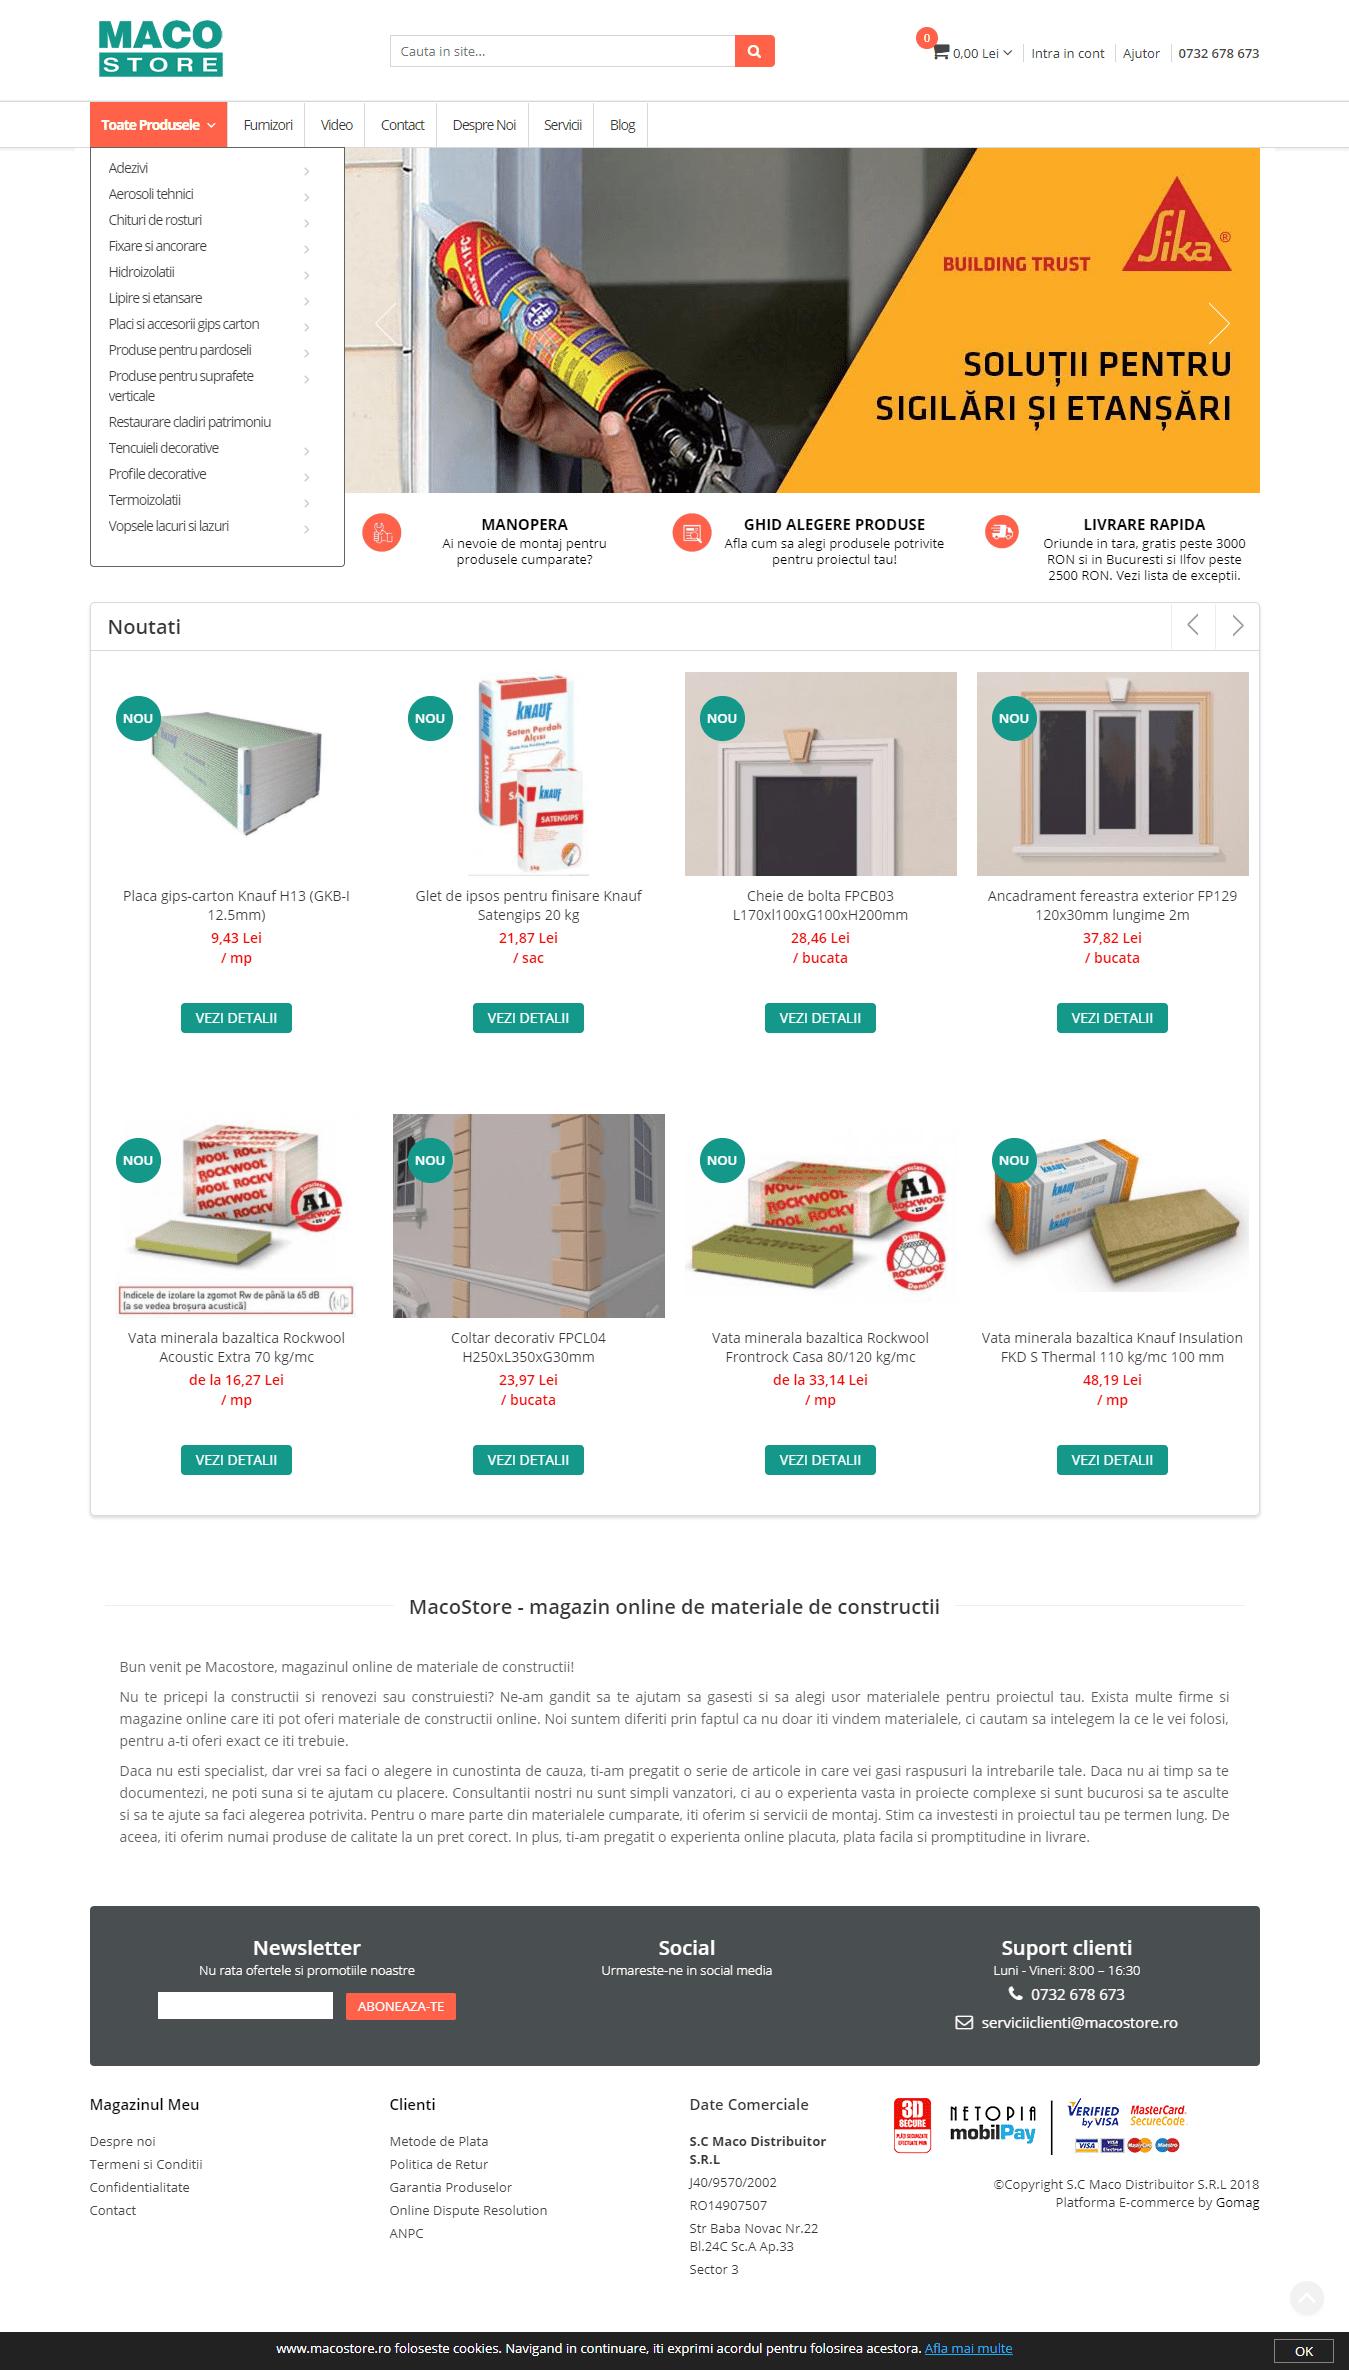 MacoStore homepage